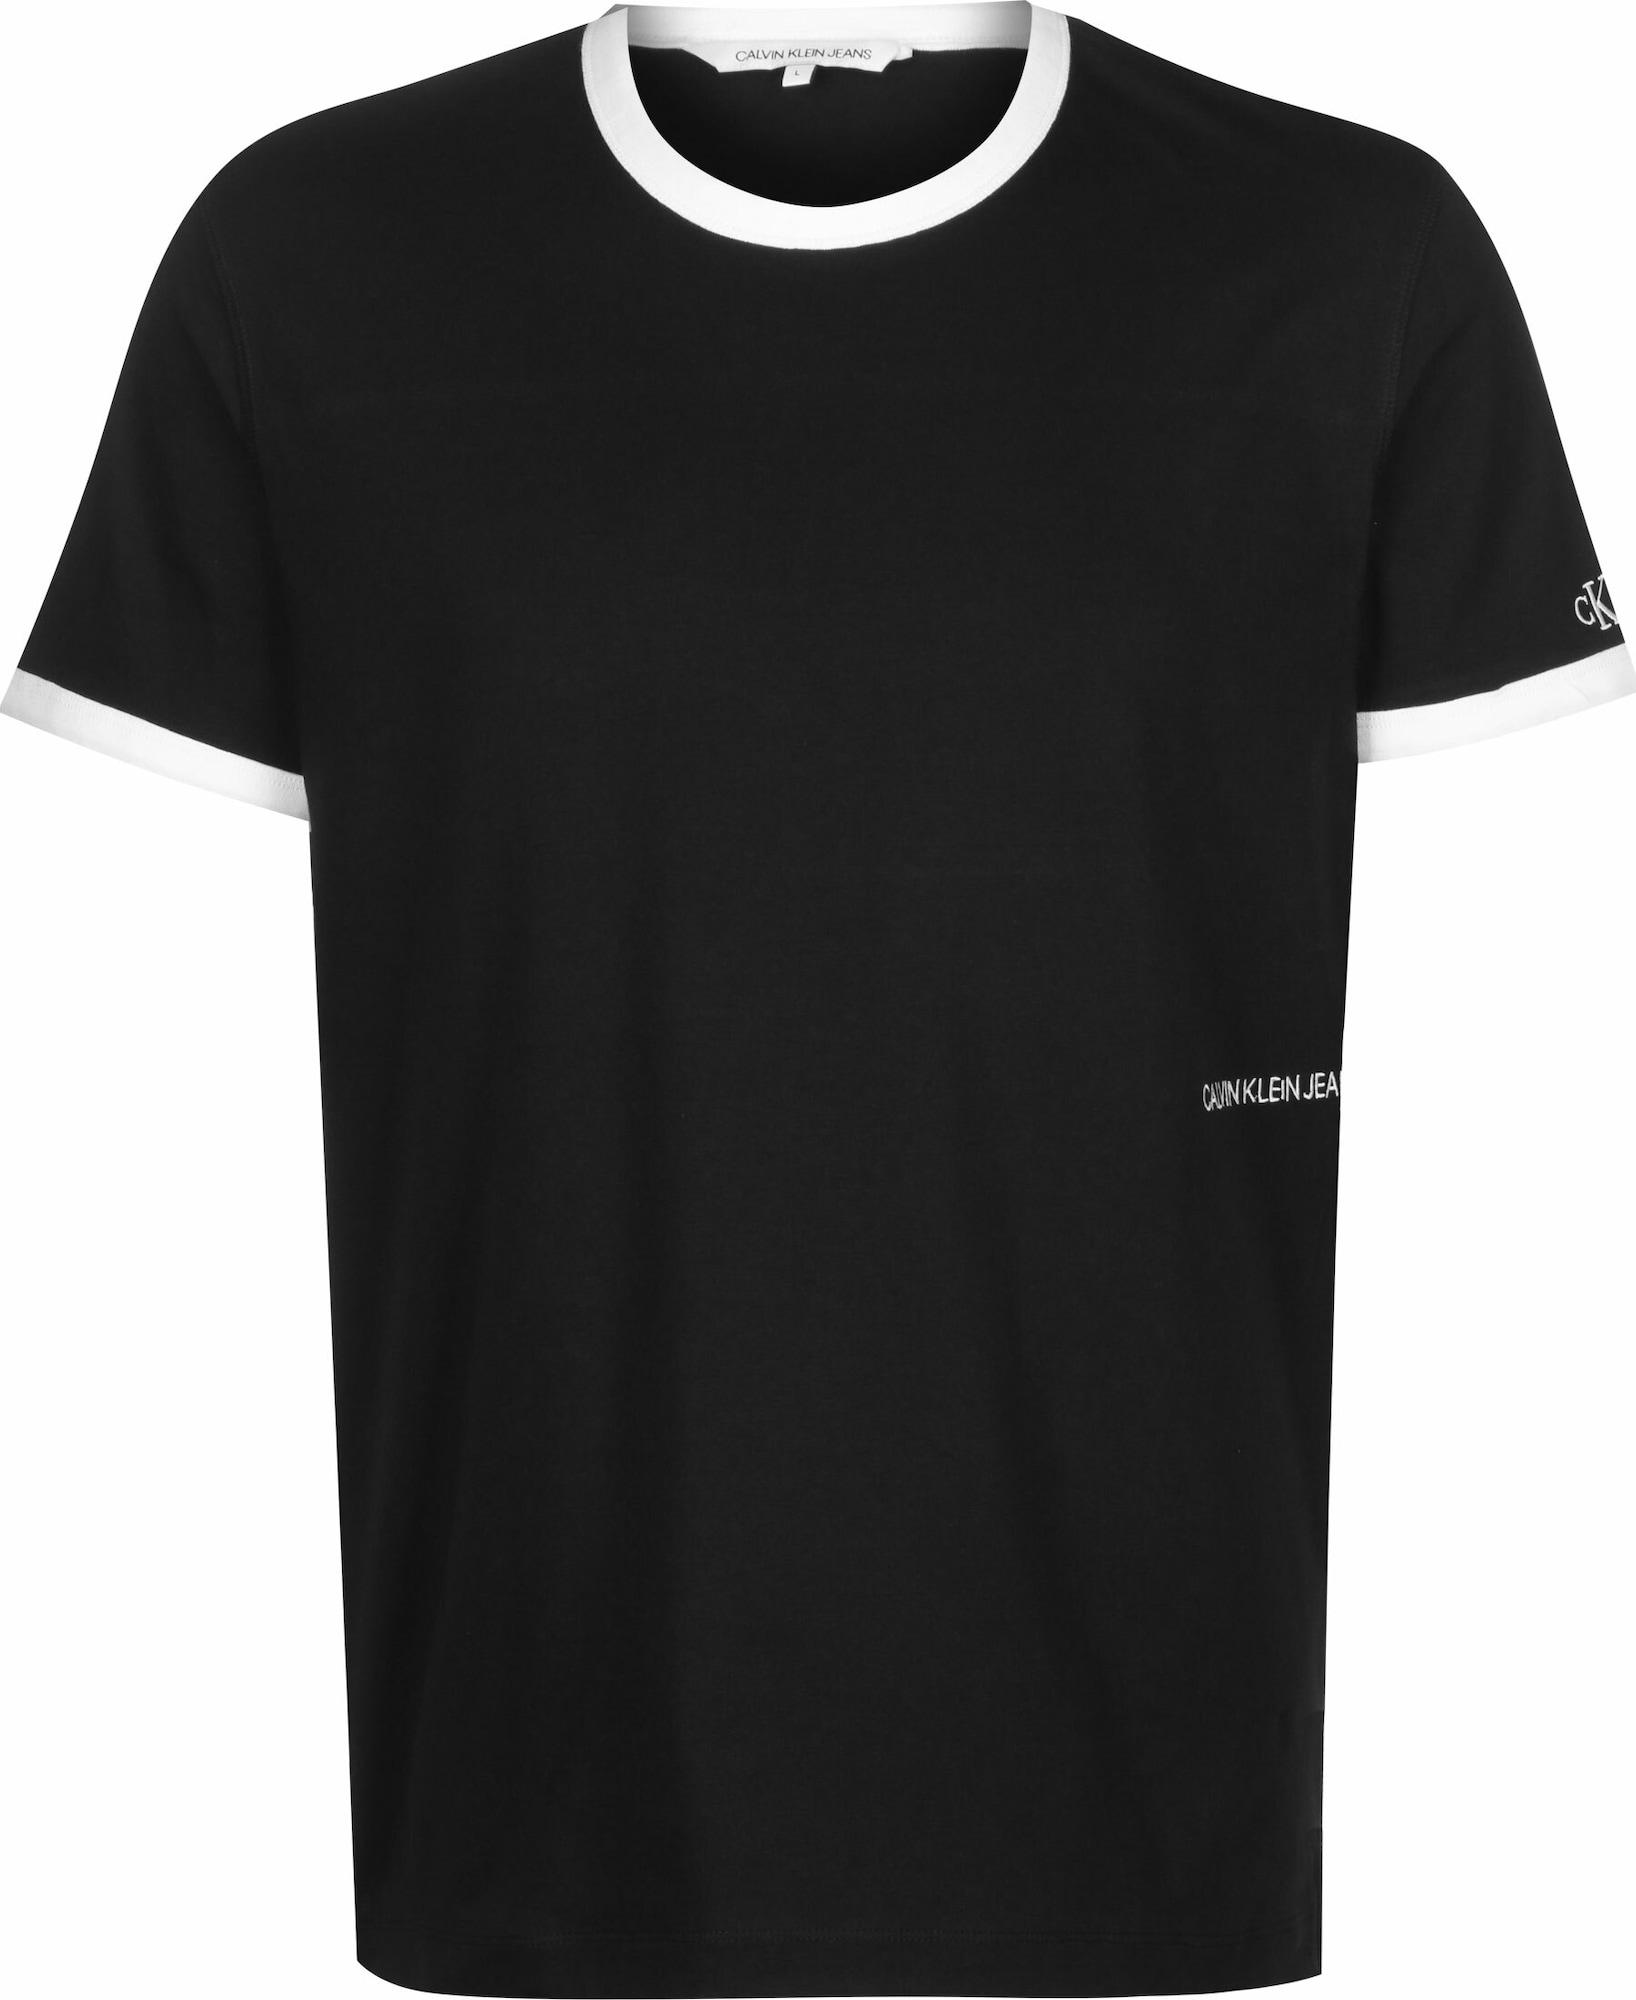 Calvin Klein Jeans Tričko  černá / bílá